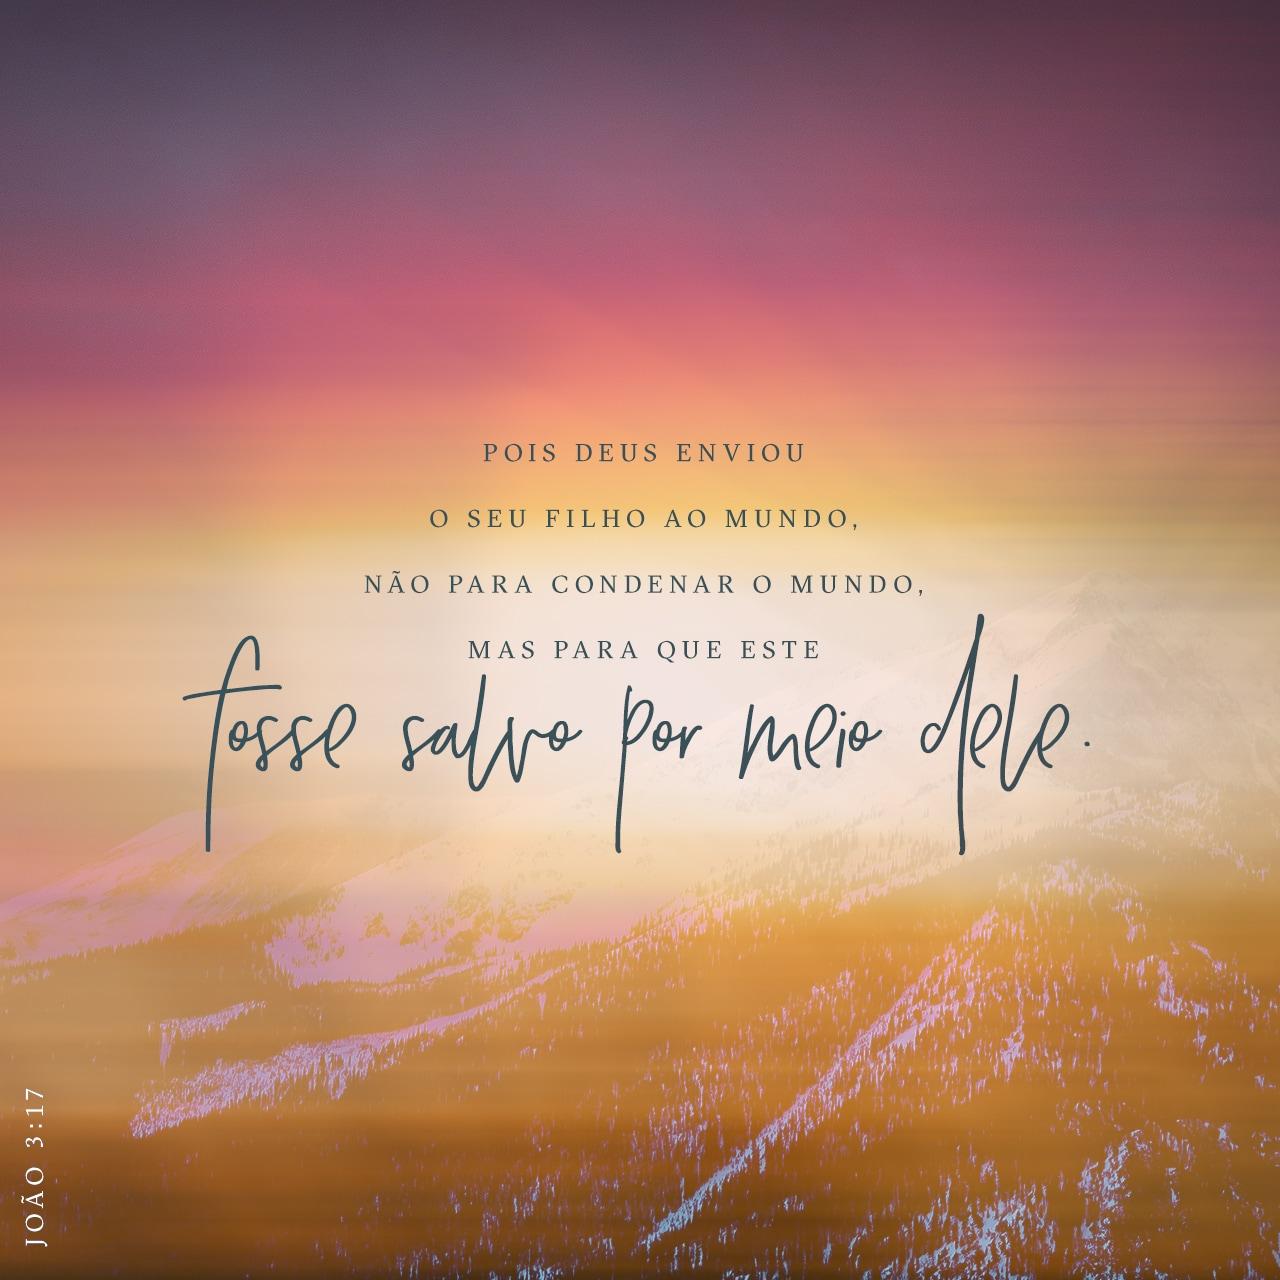 Imagem do Versículo João 3.17